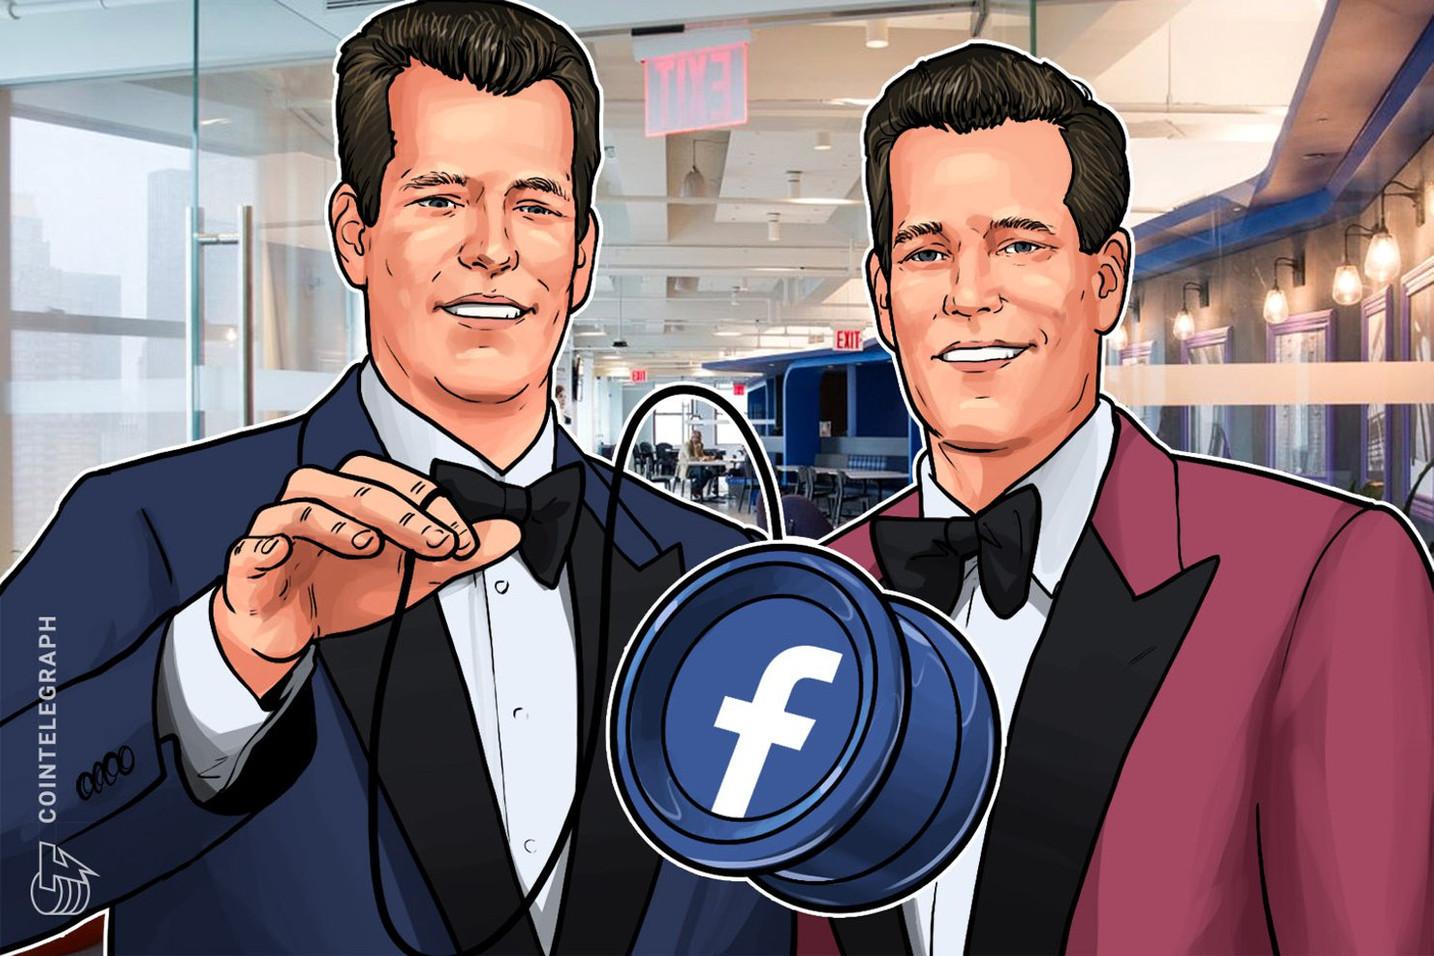 フェイスブック訴えたウィンクルボス兄弟、独自仮想通貨「リブラ」に「なぜそんなに時間がかかったんだい?」